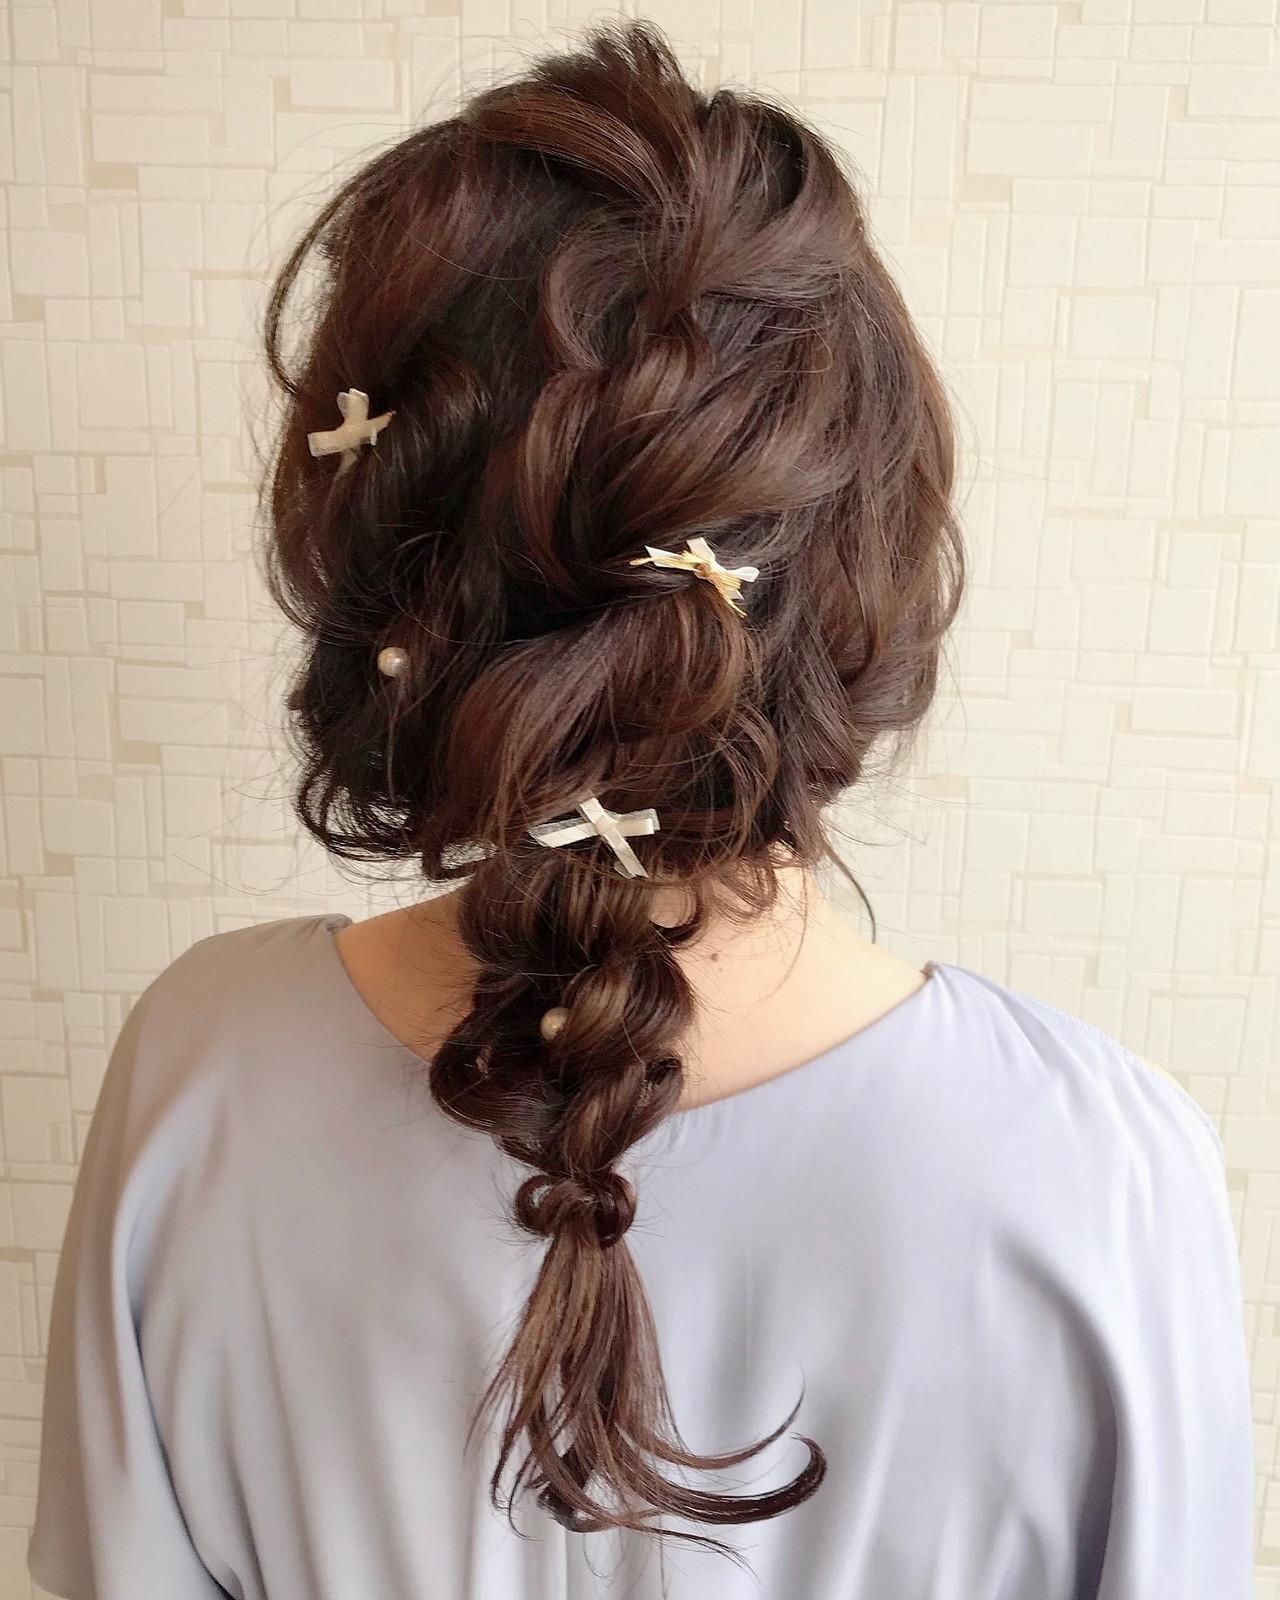 ヘアアレンジ セミロング 編みおろし 編みおろしヘアヘアスタイルや髪型の写真・画像